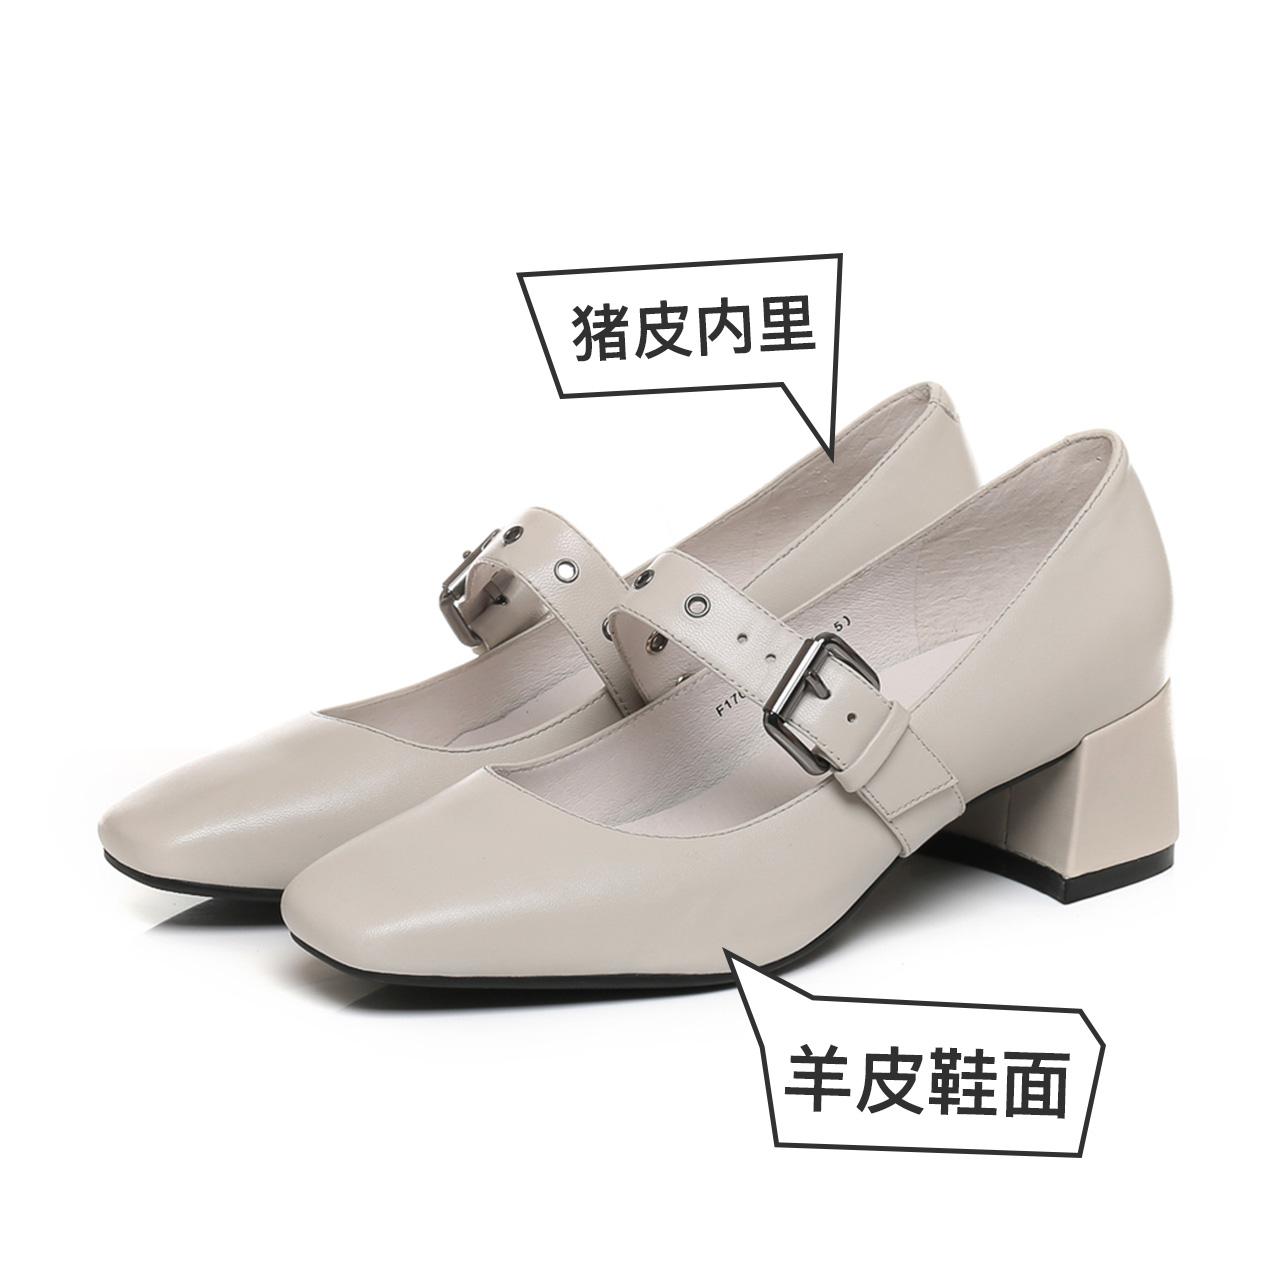 天美意秋季新品羊皮粗高跟复古浅口玛丽珍单鞋女鞋F170DCQ7